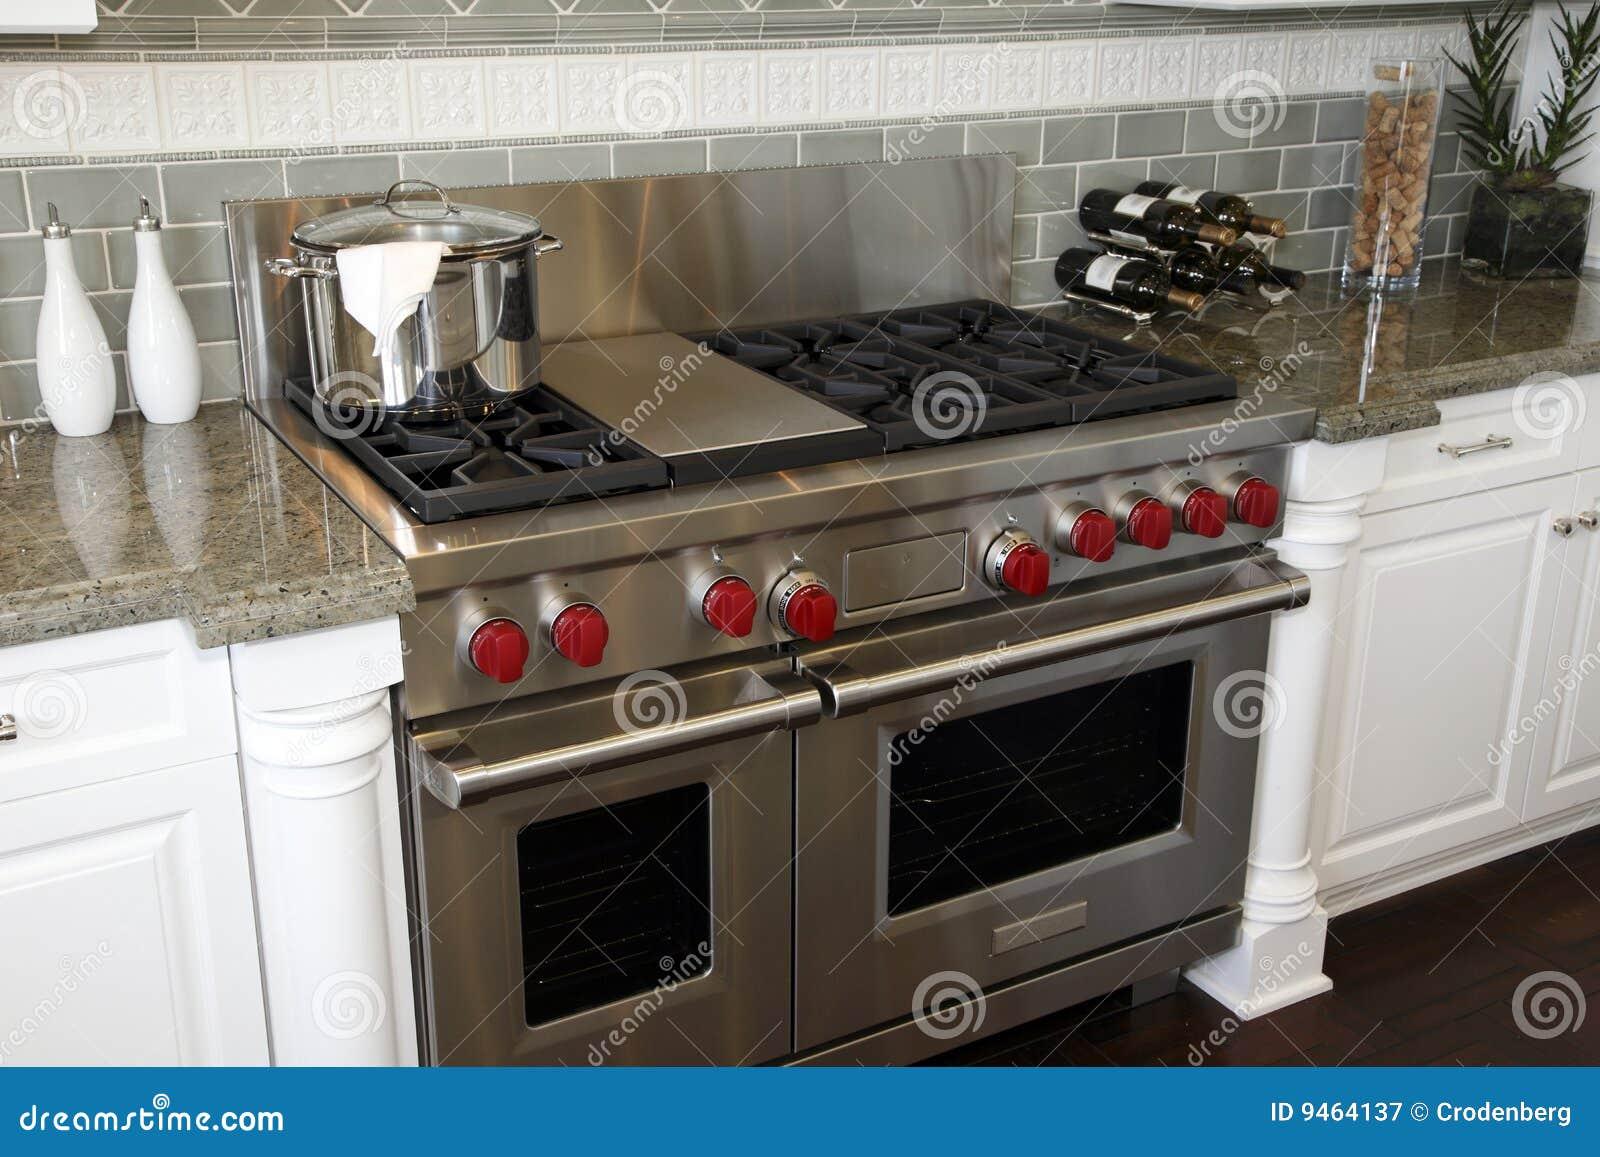 Upscale Home Kitchen Appliances